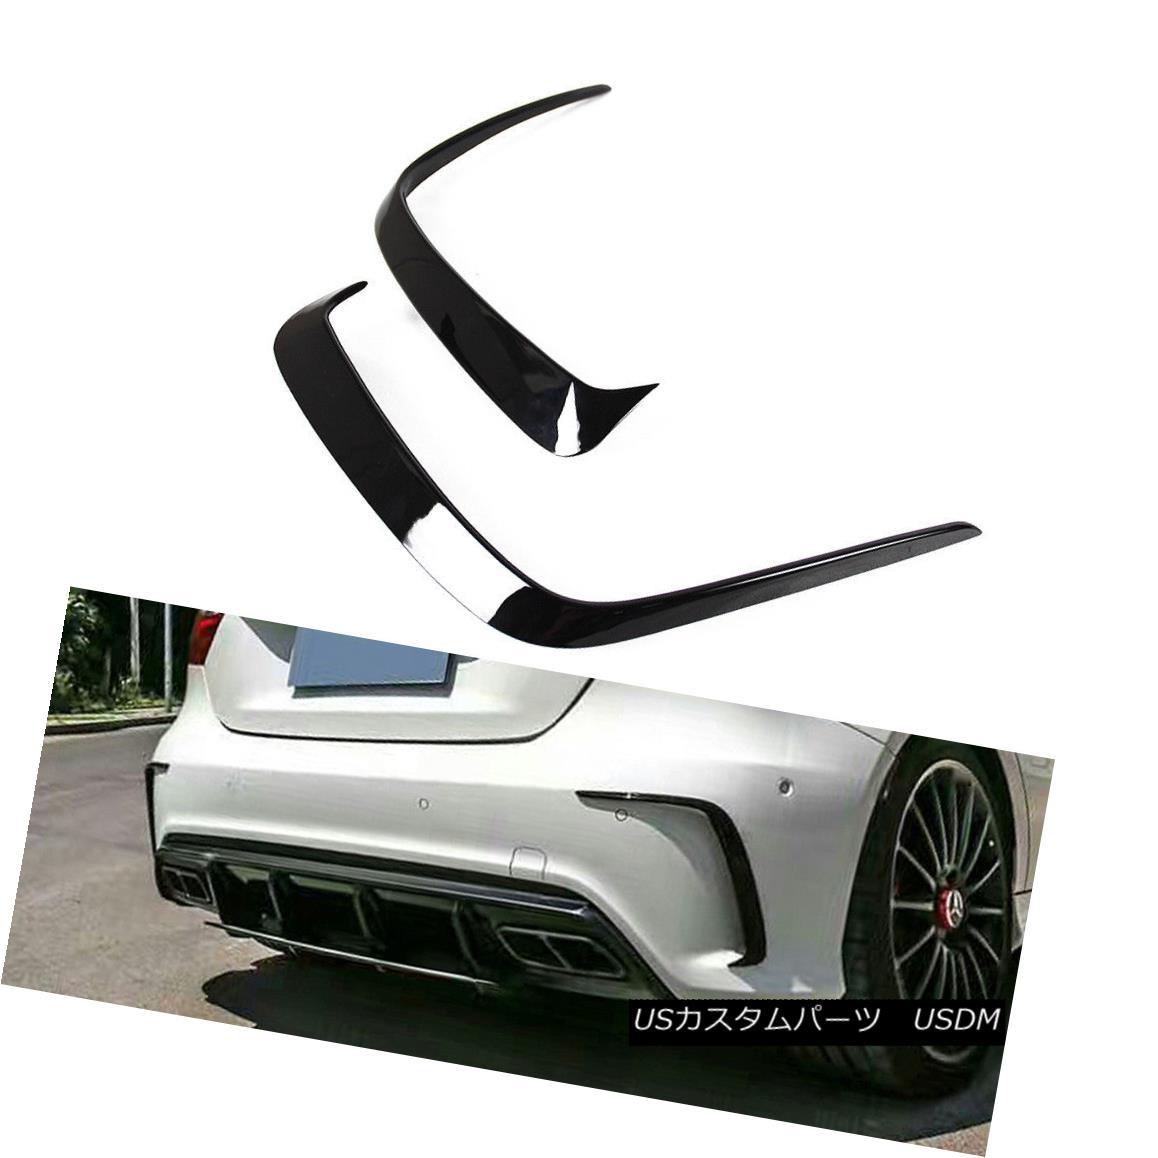 エアロパーツ Painted Color For Mercedes BENZ A W176 5DR Rear Sport Vent Lip Splitter Cover メルセデスベンツの塗装色ベントA W176 5DRリアスポーツベントリップスプリッターカバー